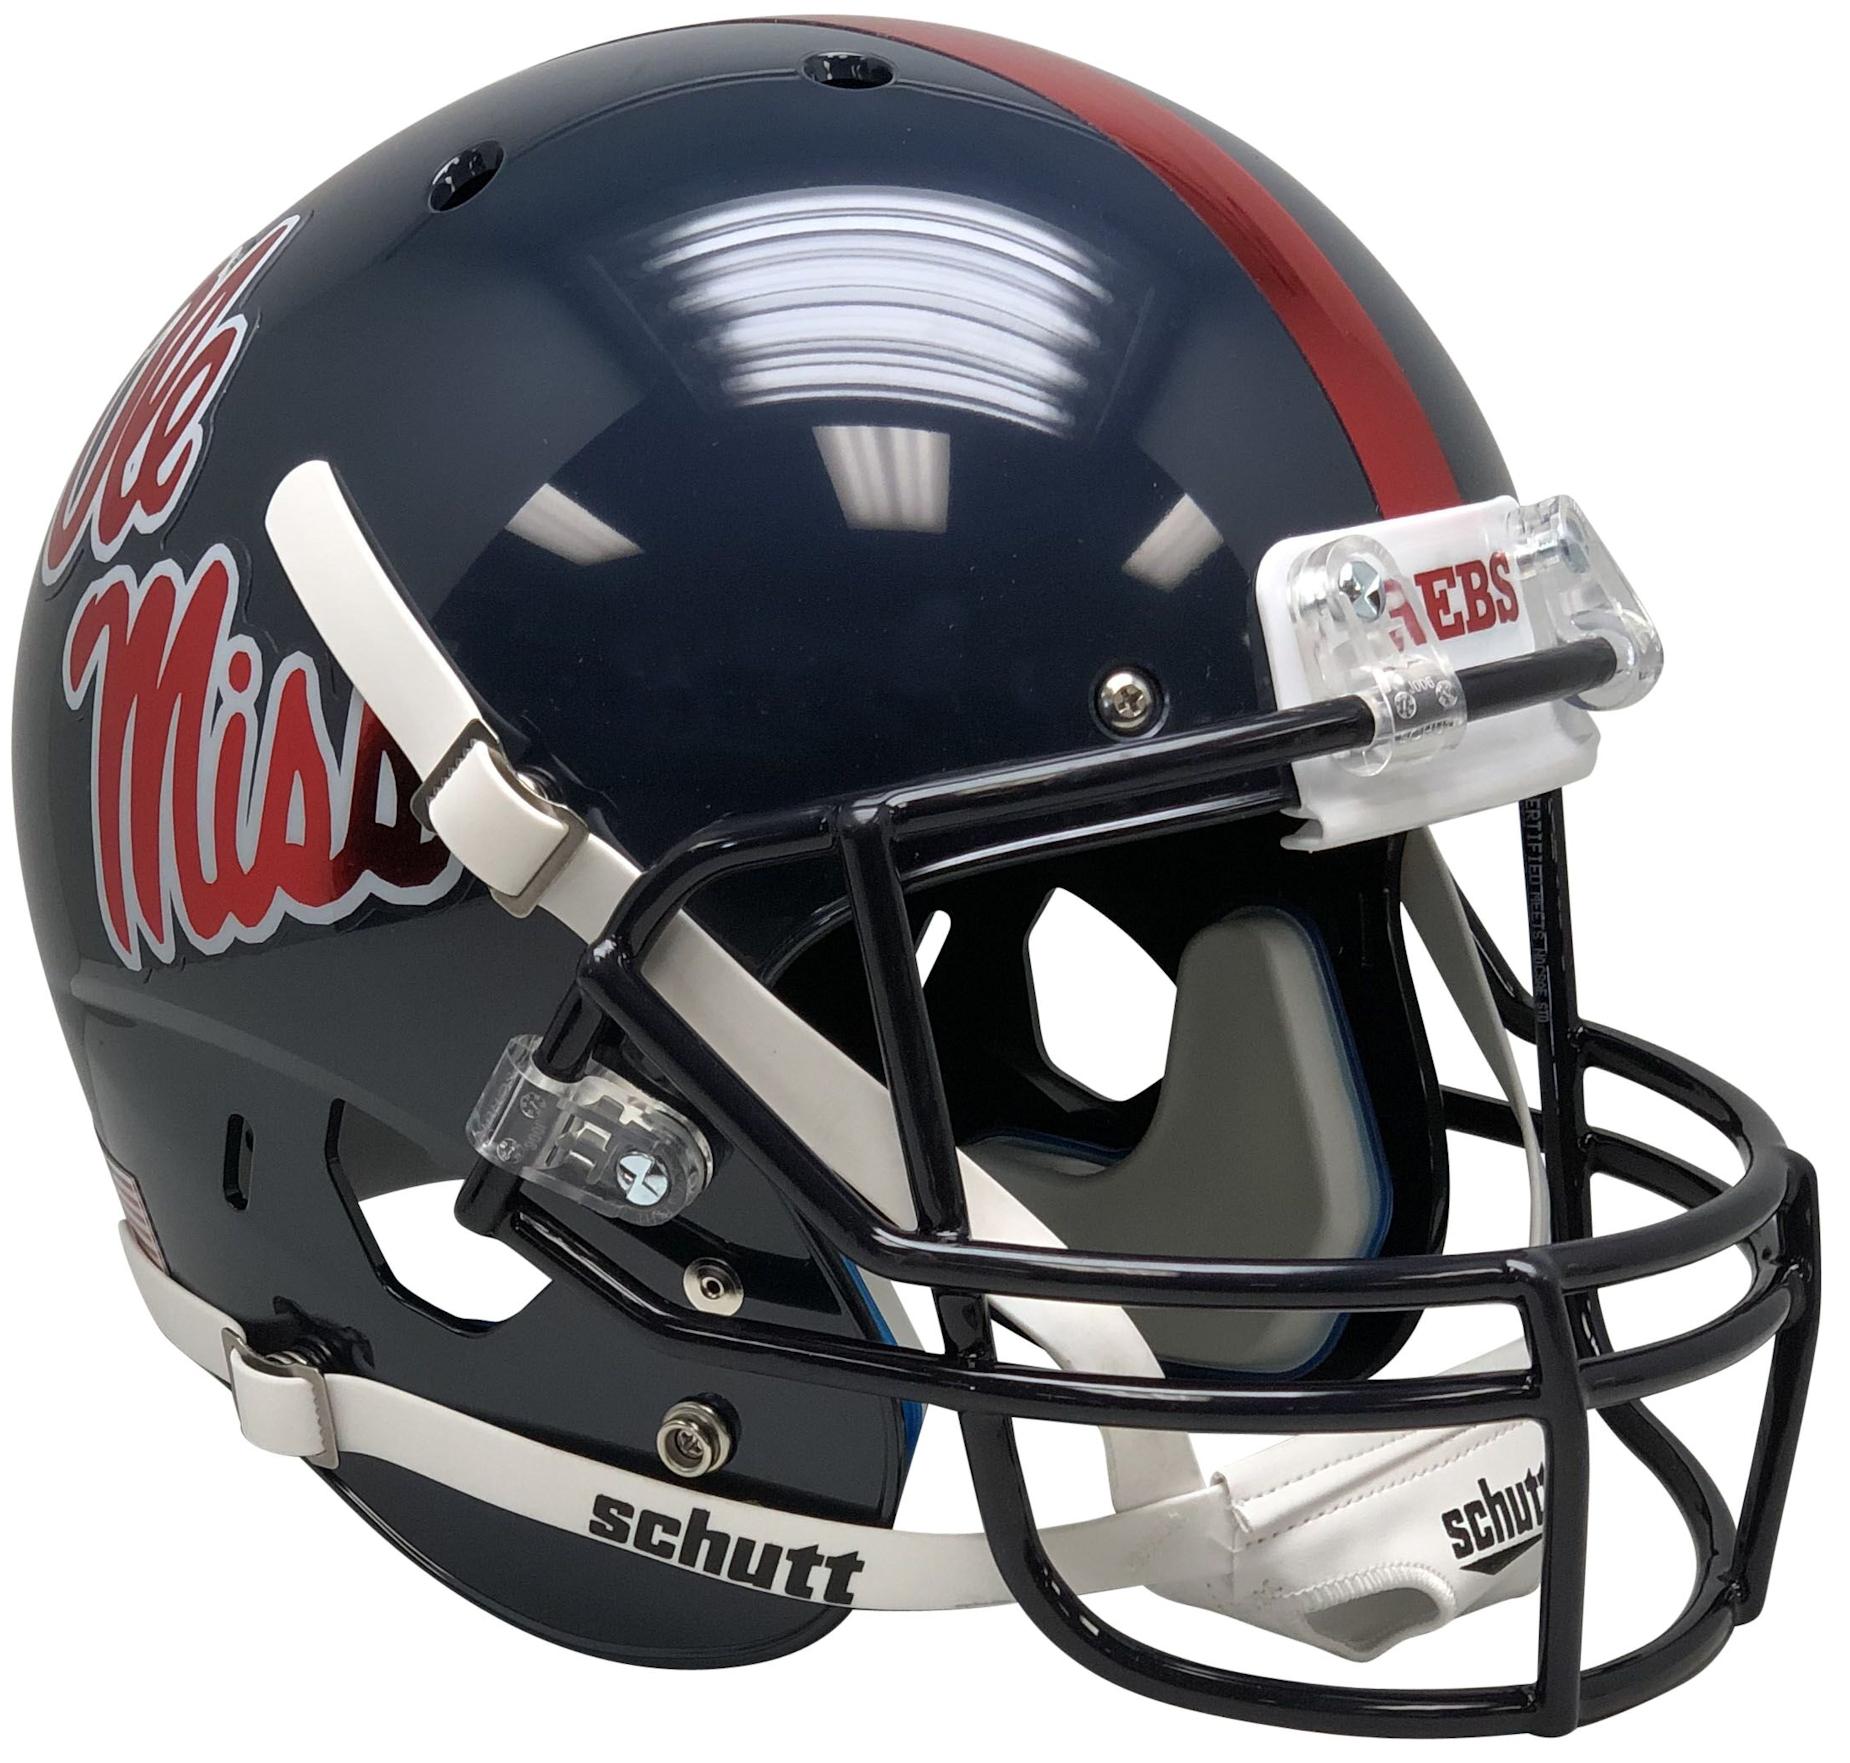 Mississippi (Ole Miss) Rebels Full XP Replica Football Helmet Schutt <B>Chrome Decal</B>